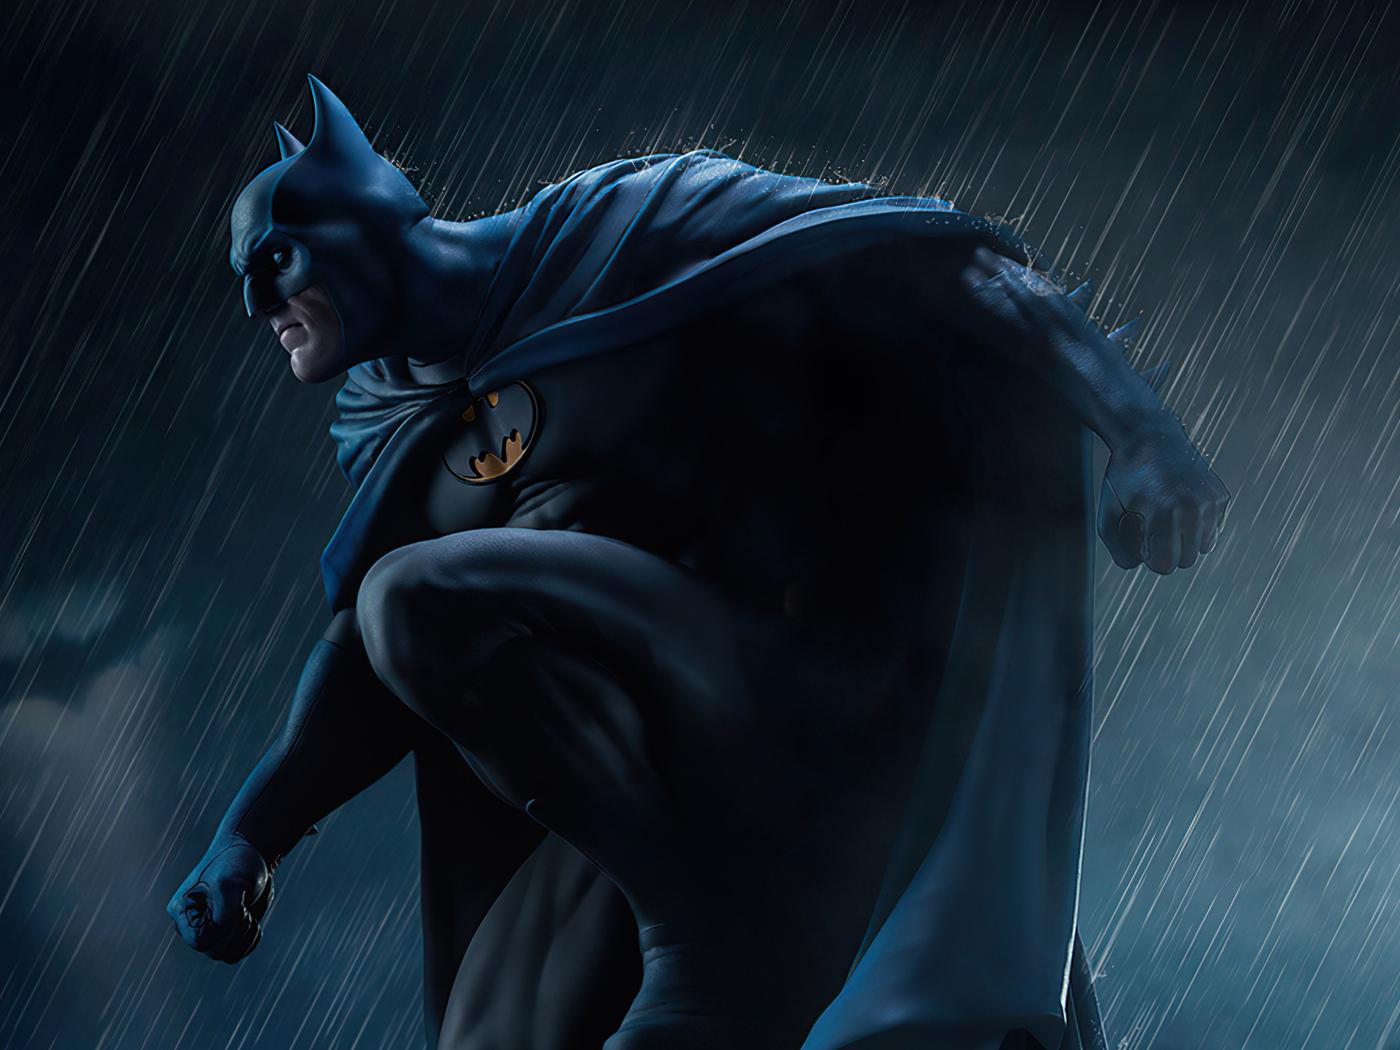 batman-night-2020-40.jpg